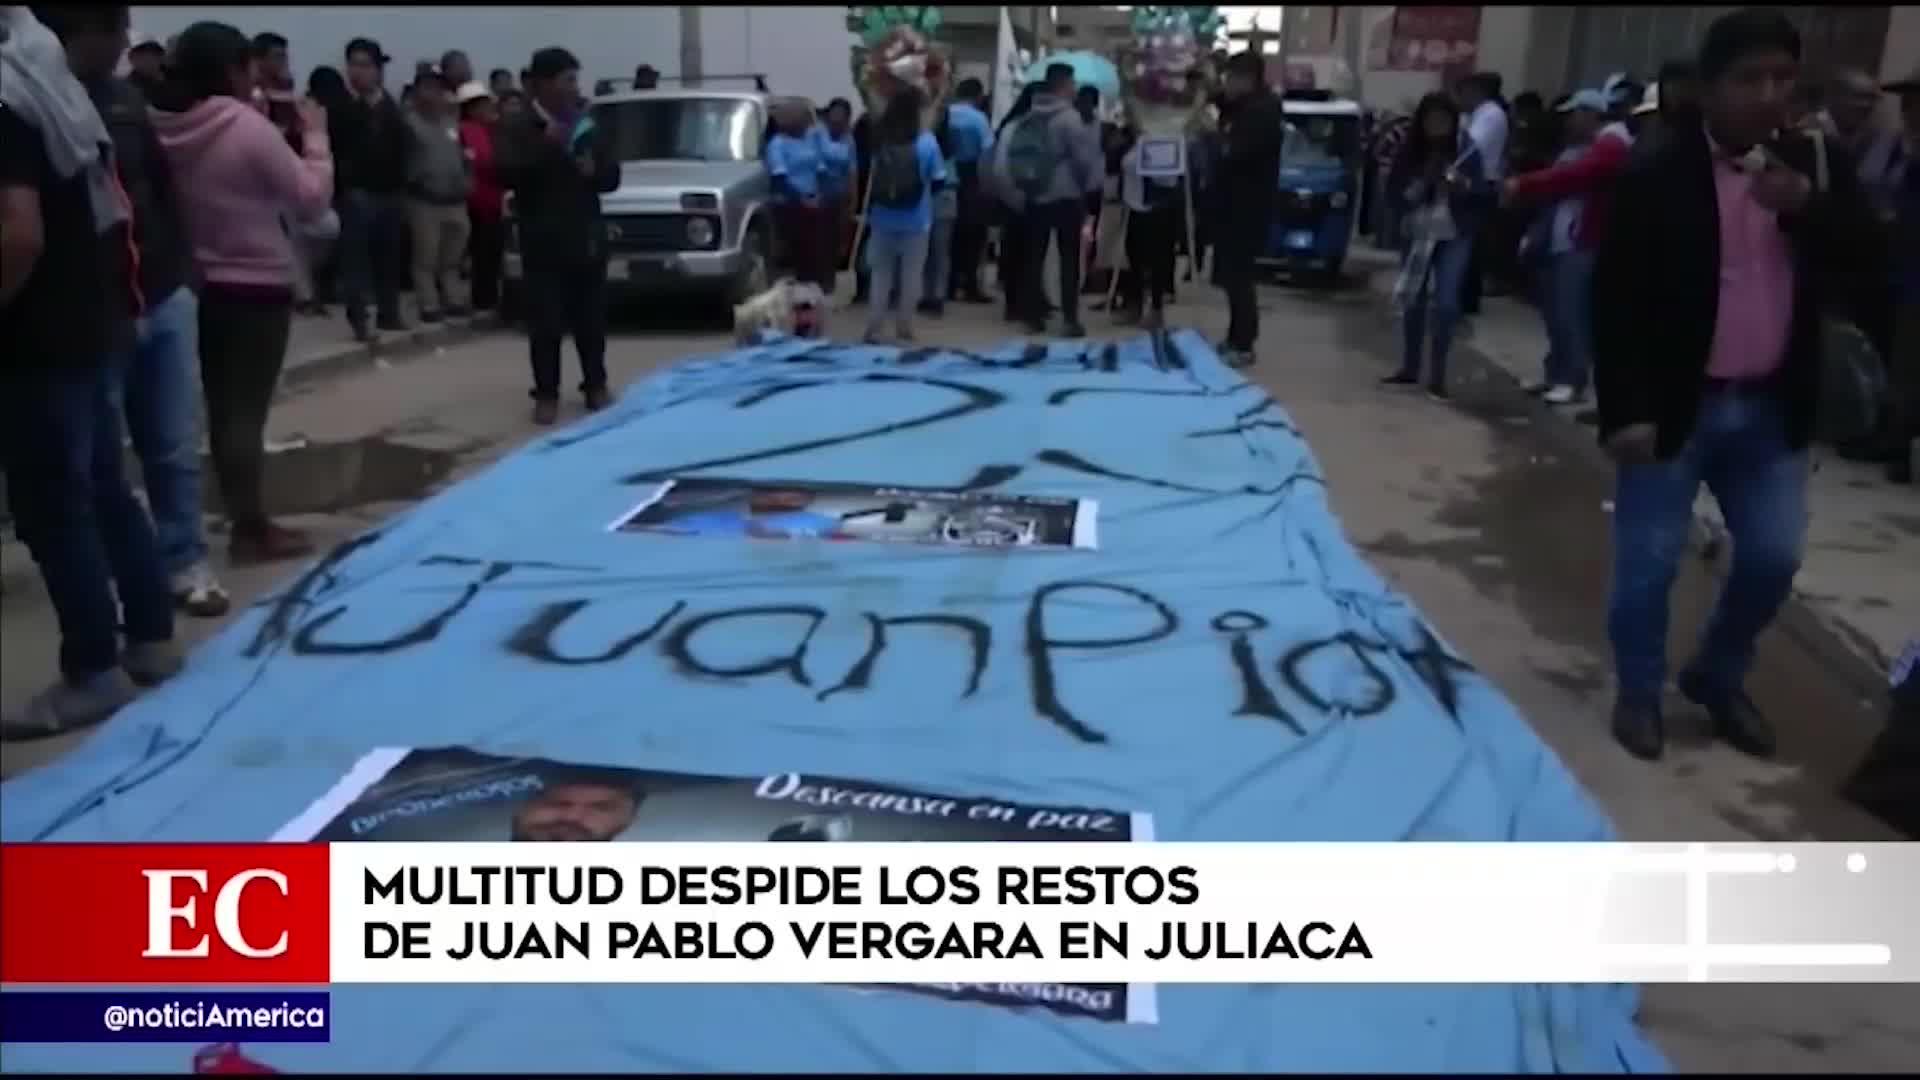 Juan Pablo Vergara: lágrimas de dolor y cánticos en emotiva despedida en Juliaca